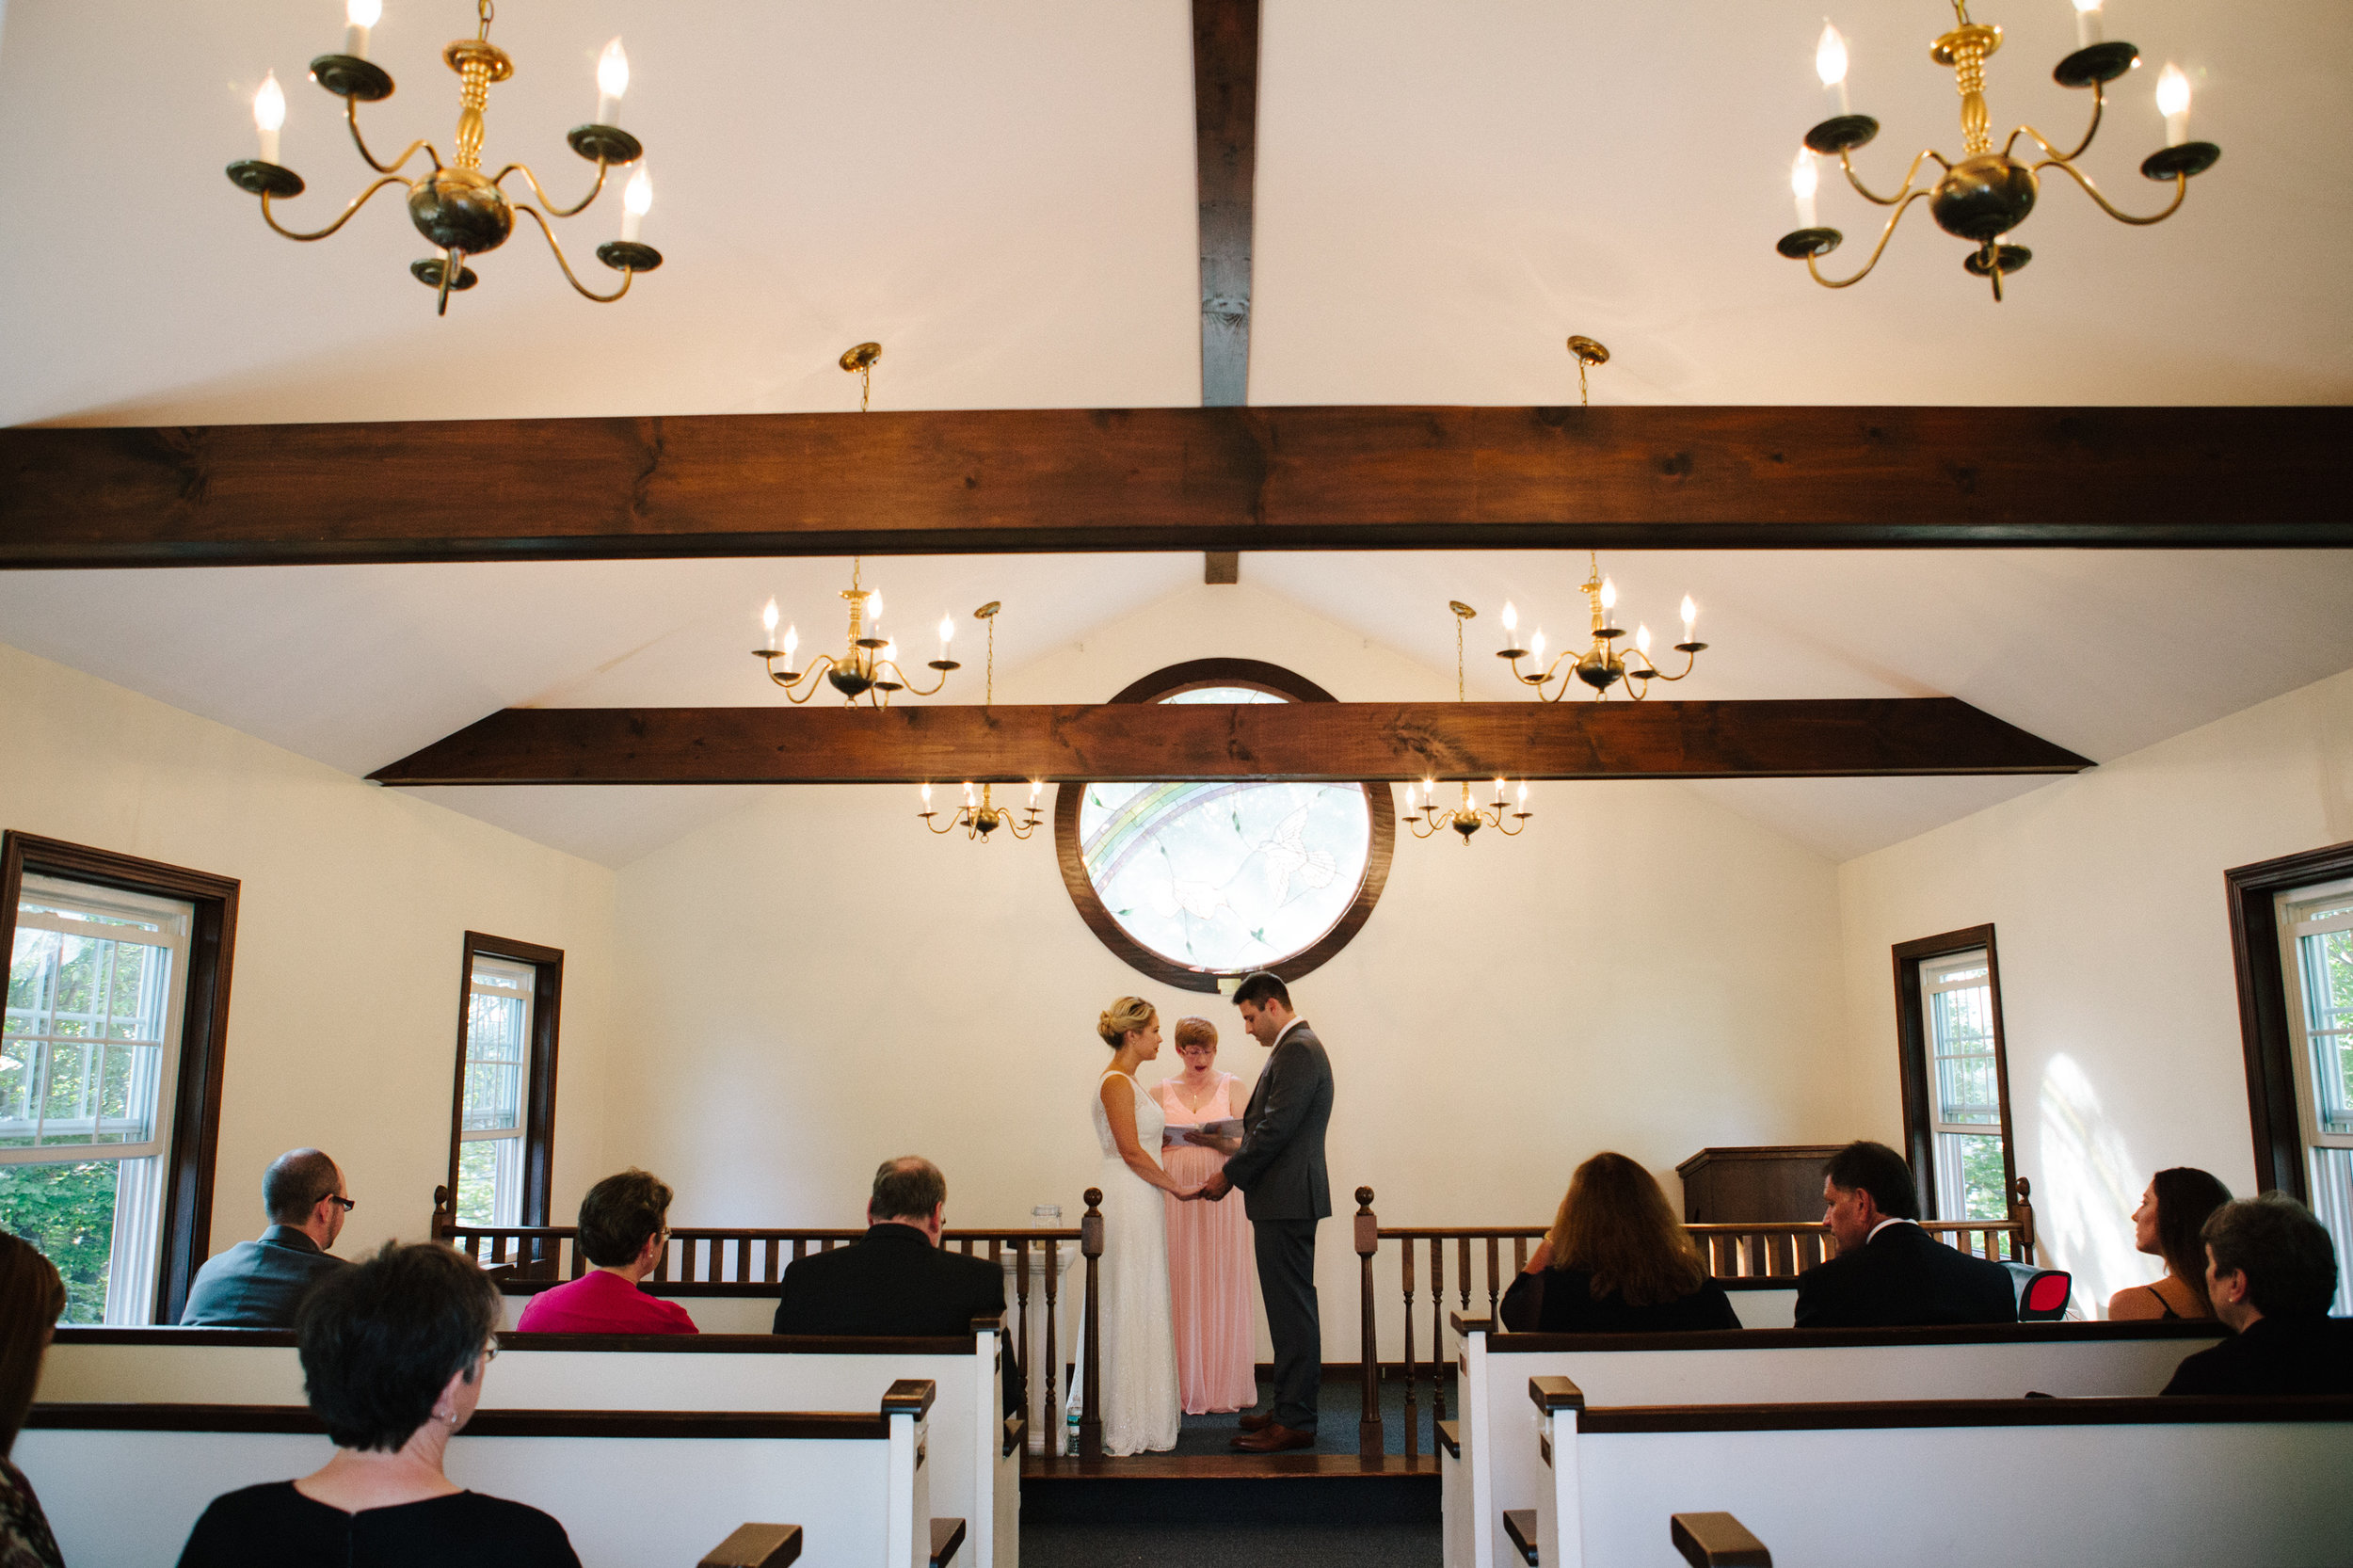 all-faiths-chapel-wedding-south-portland-maine-photography-733.jpg